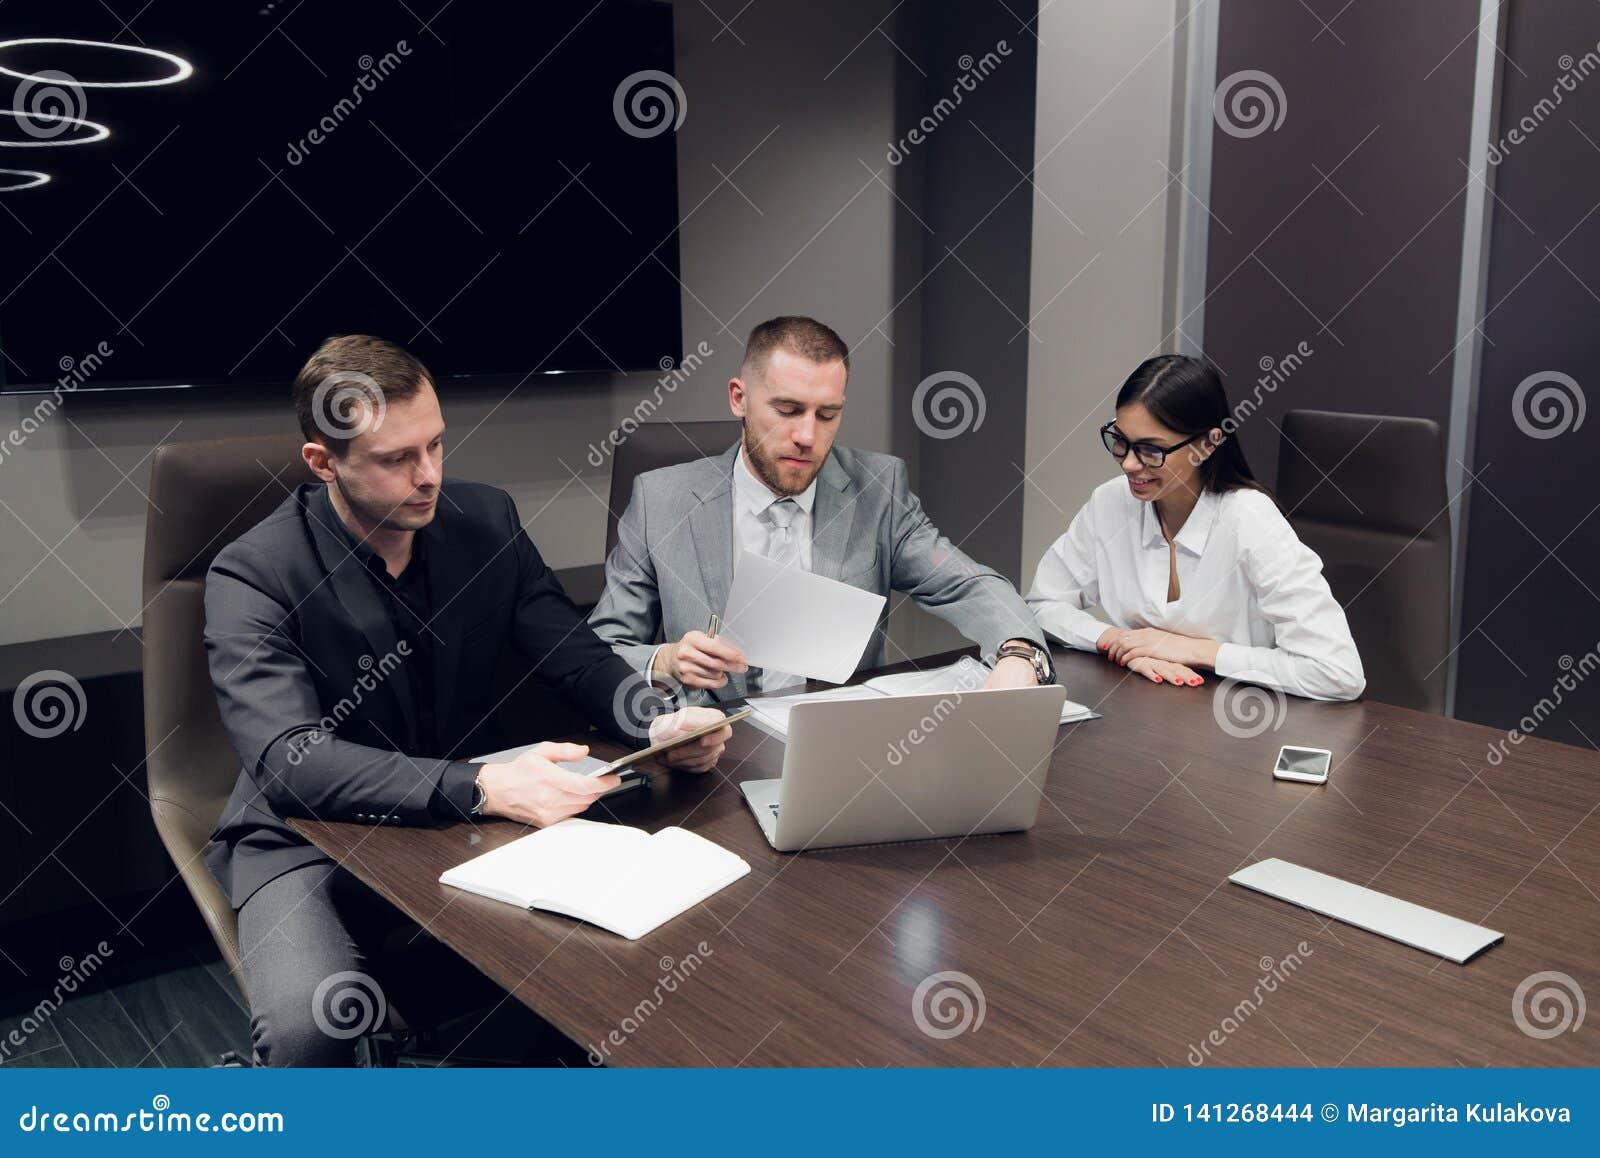 商务伙伴谈论文件和想法在会议上